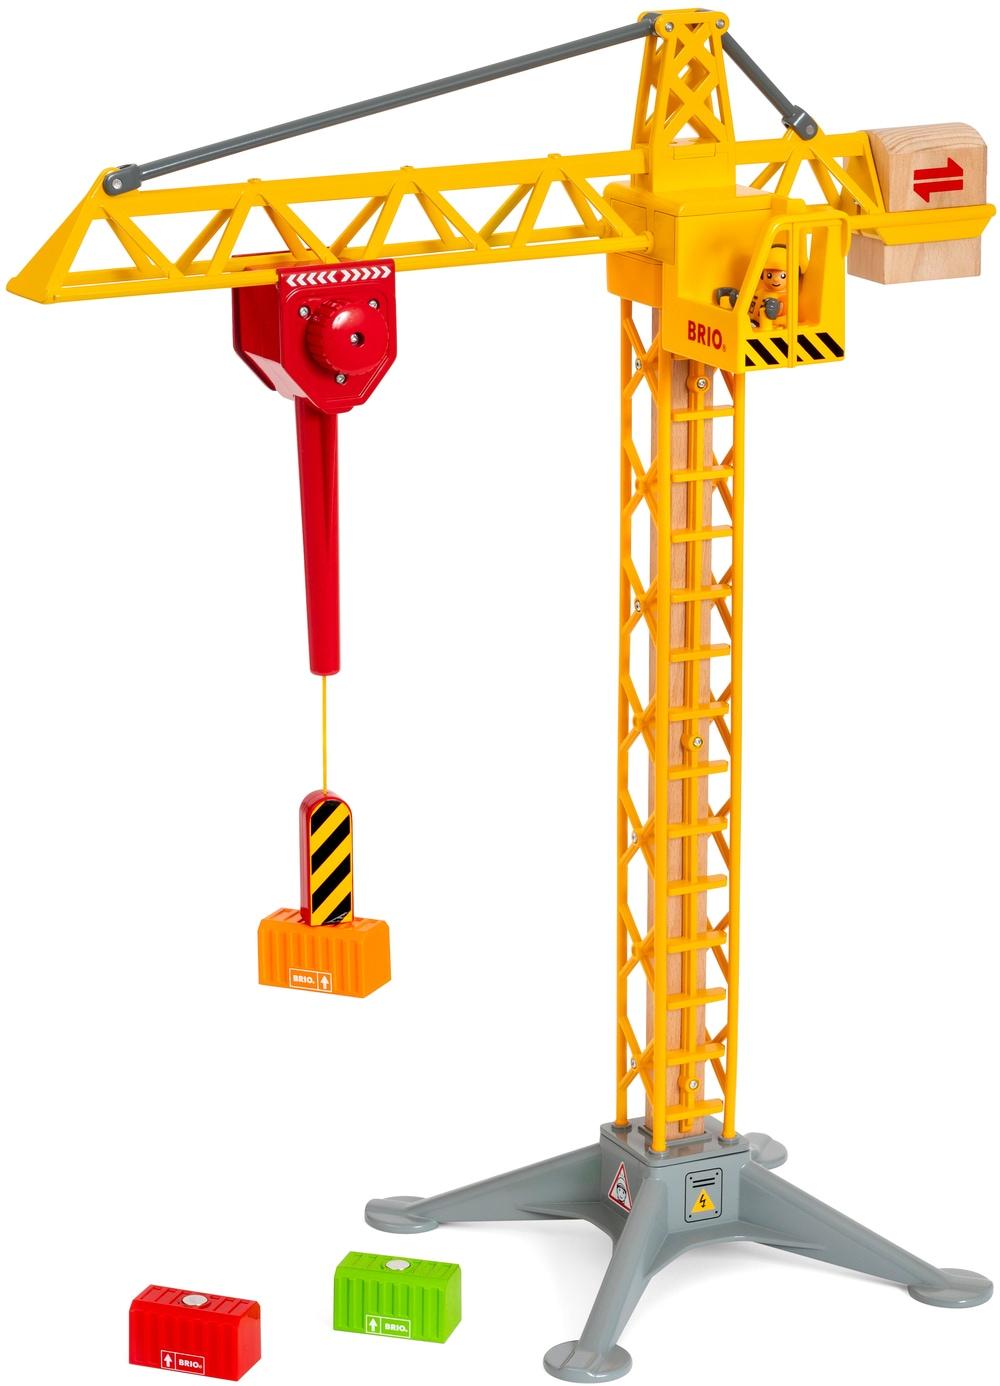 BRIO Spielzeug-Kran WORLD Großer Baukran mit Licht bunt Kinder Ab 3-5 Jahren Altersempfehlung Spielzeugfahrzeuge